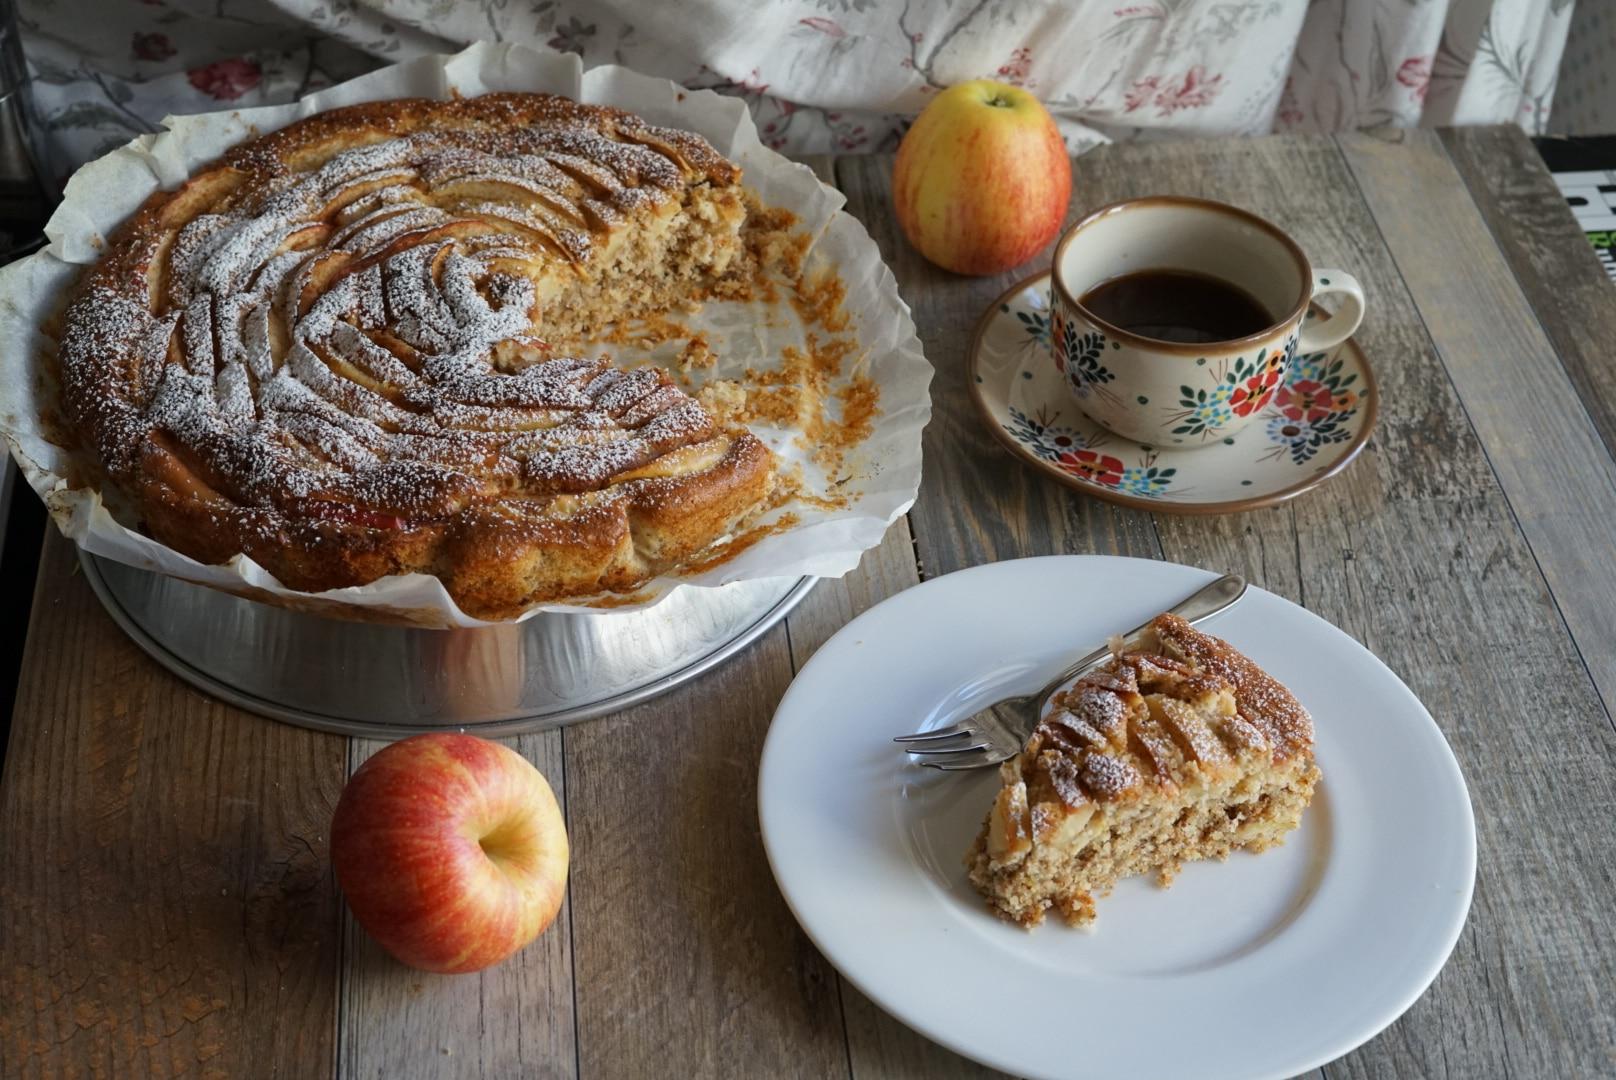 Torta integrale di mele e mandorle